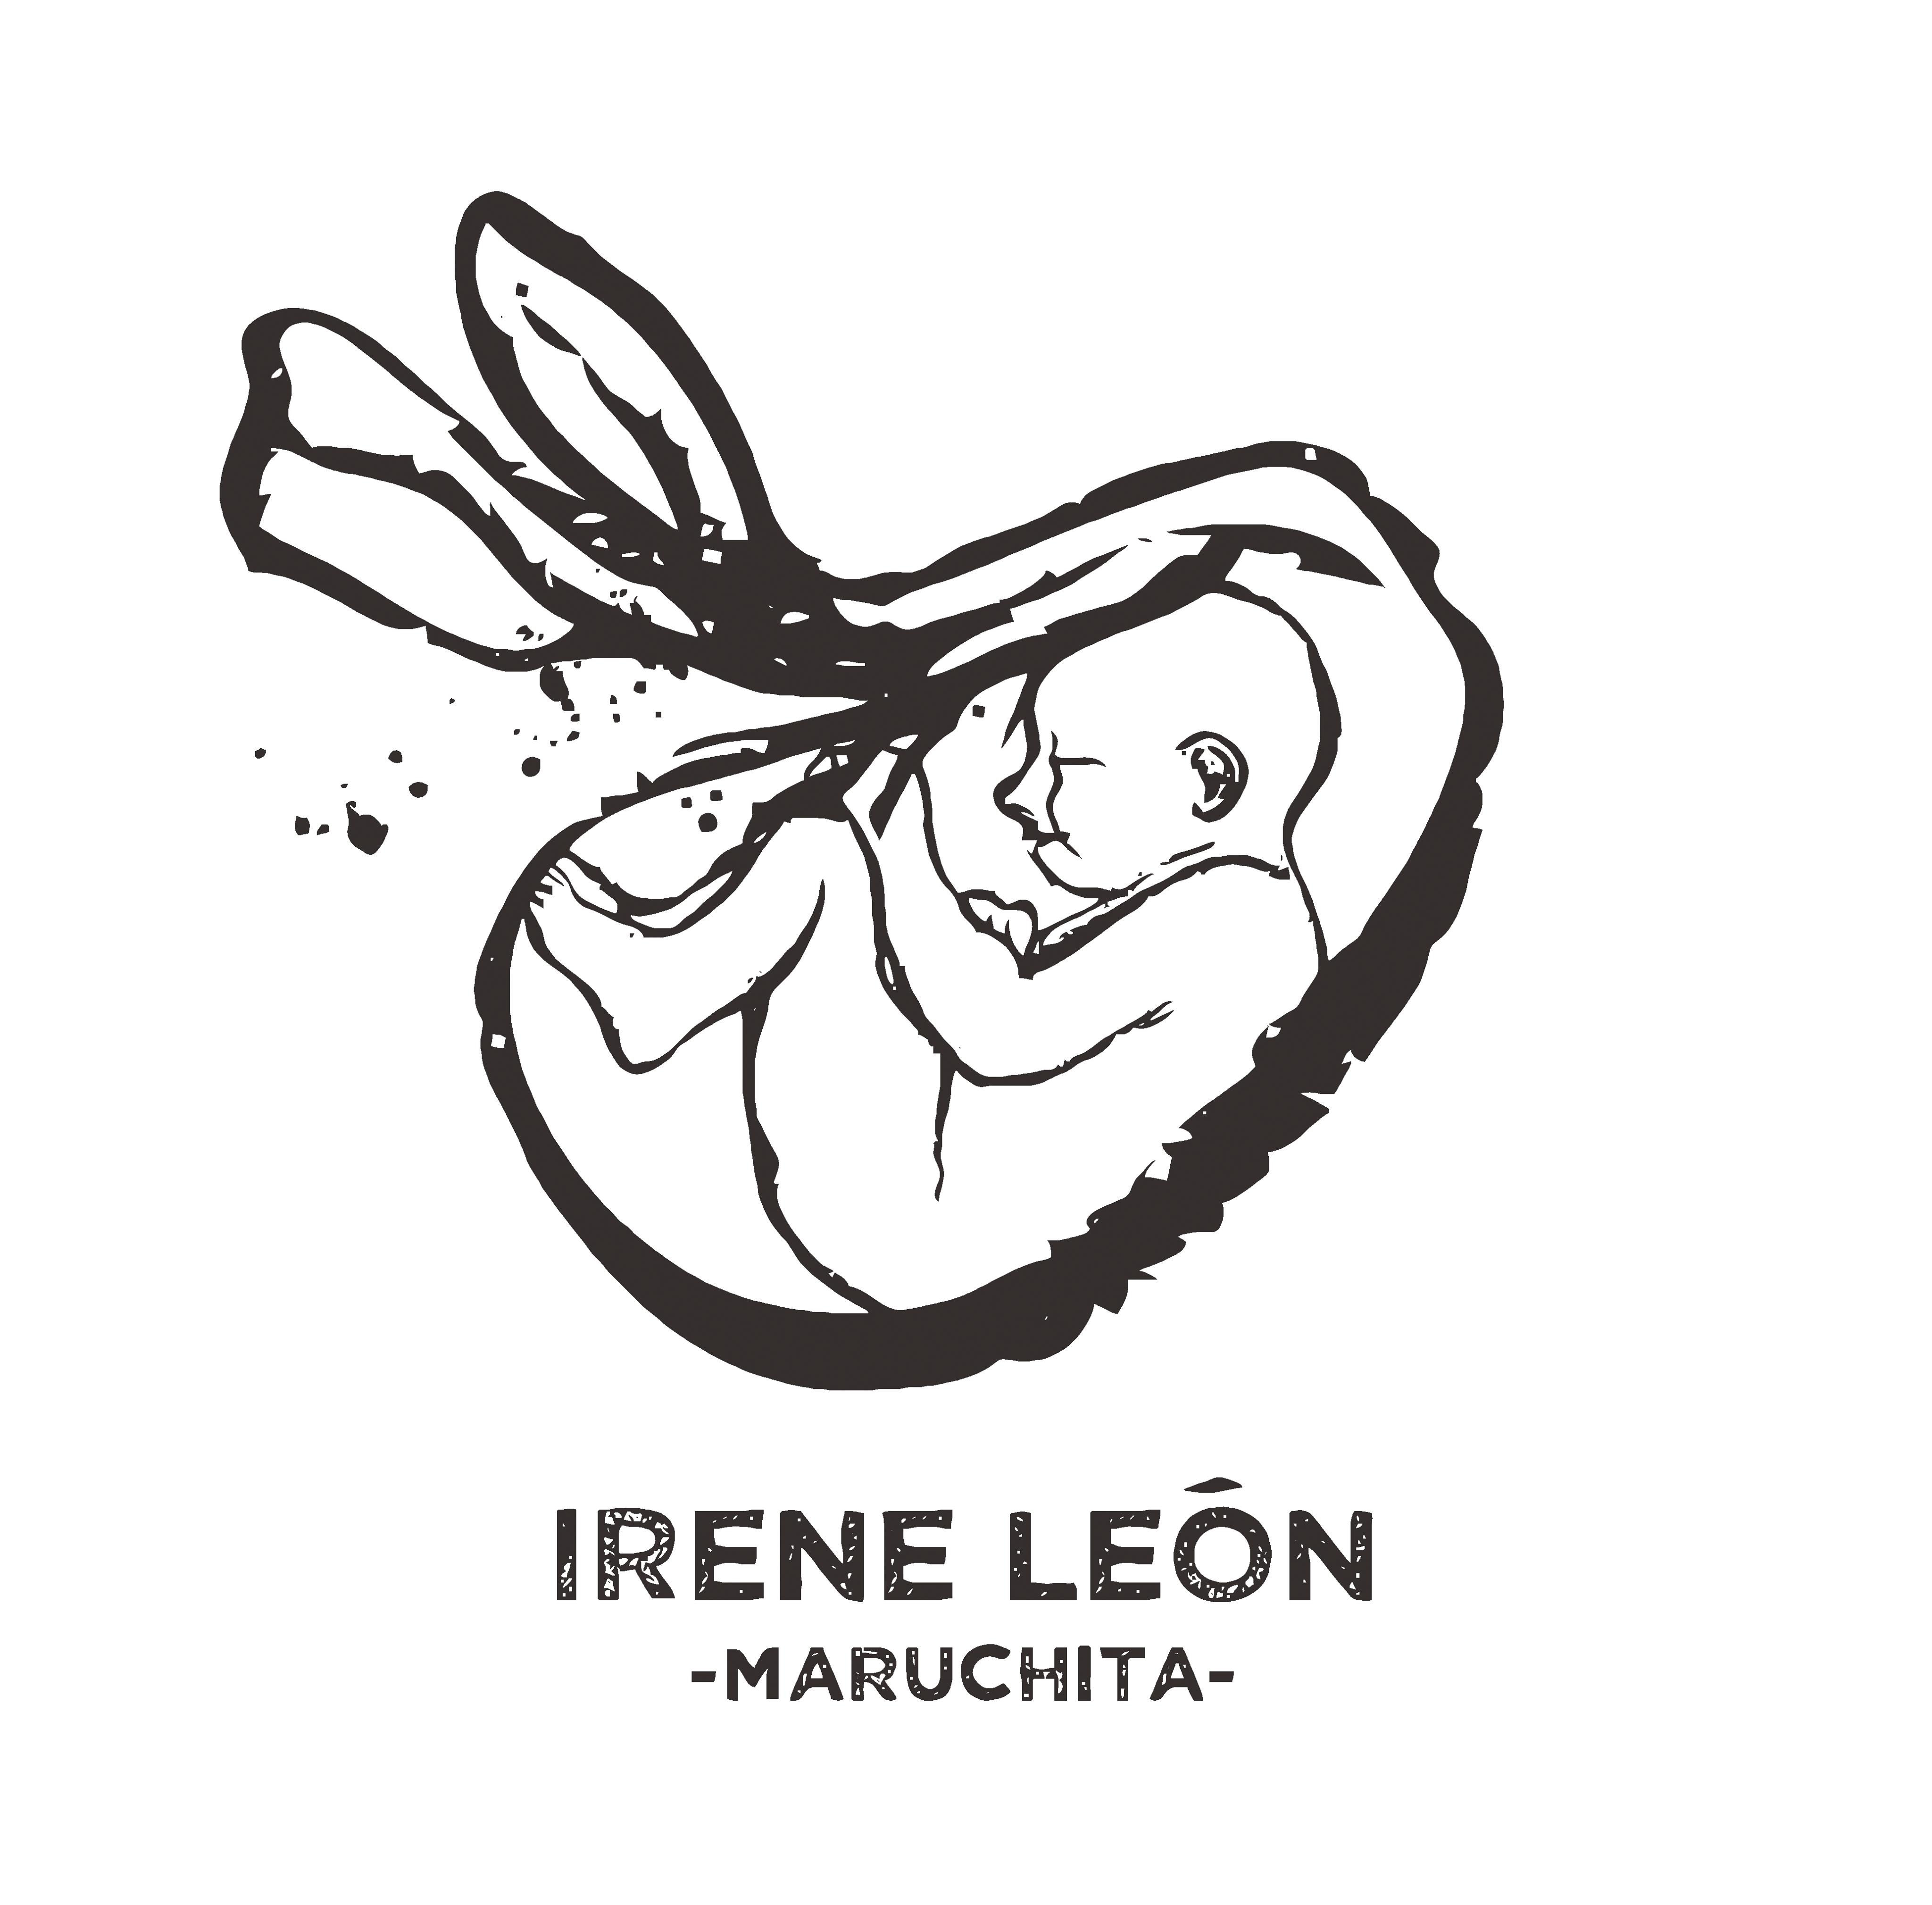 Irene León